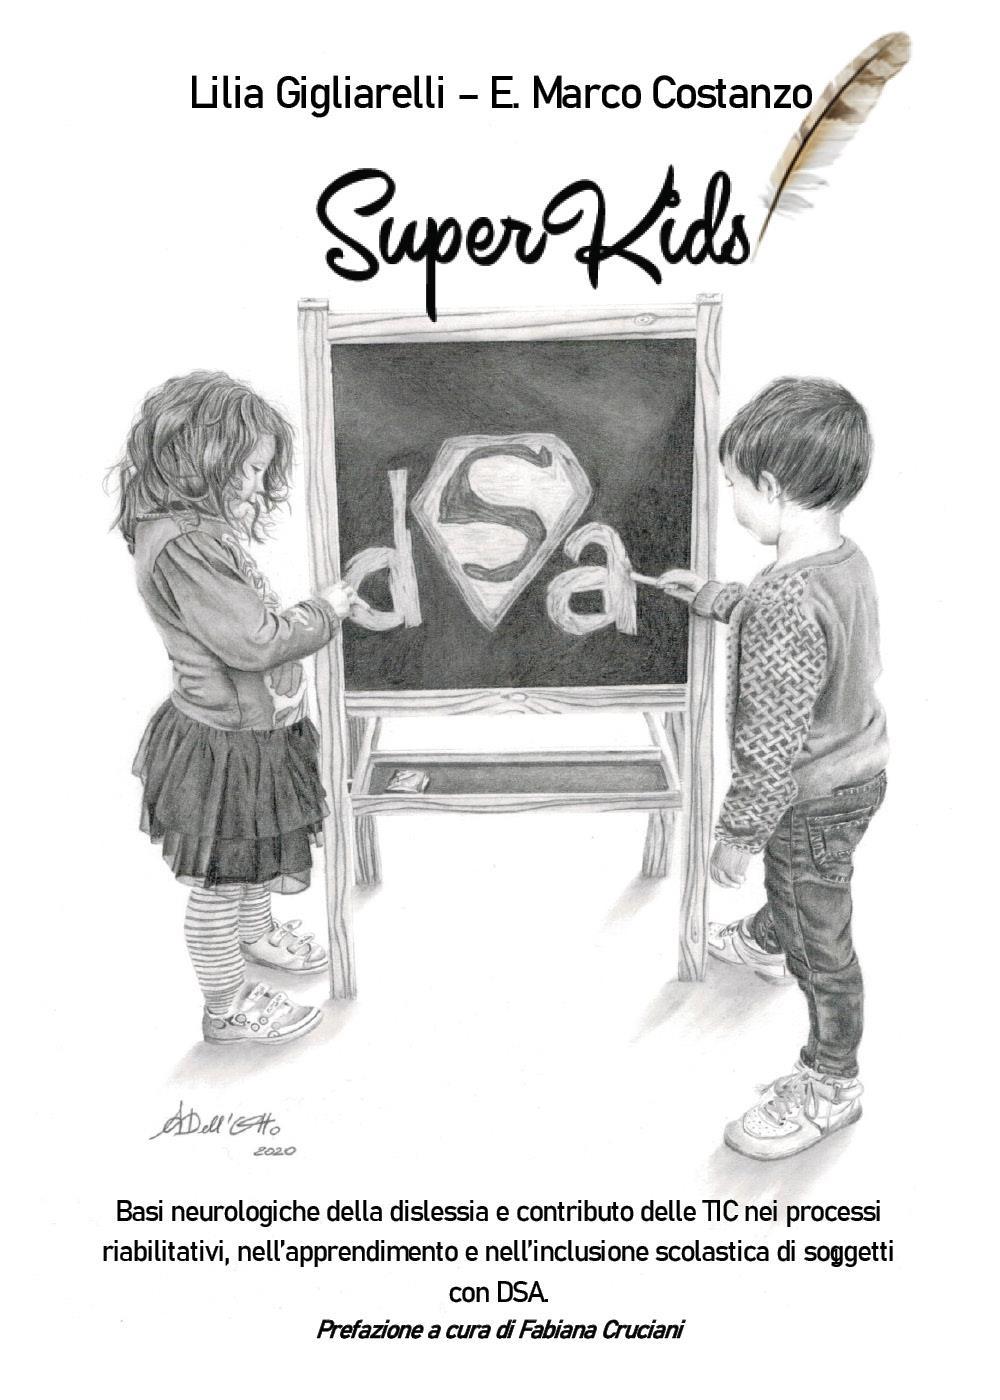 SuperKids. Basi neurologiche della dislessia e contributo delle TIC nei processi riabilitativi, nell'apprendimento e nell'inclusione scolastica di soggetti con DSA